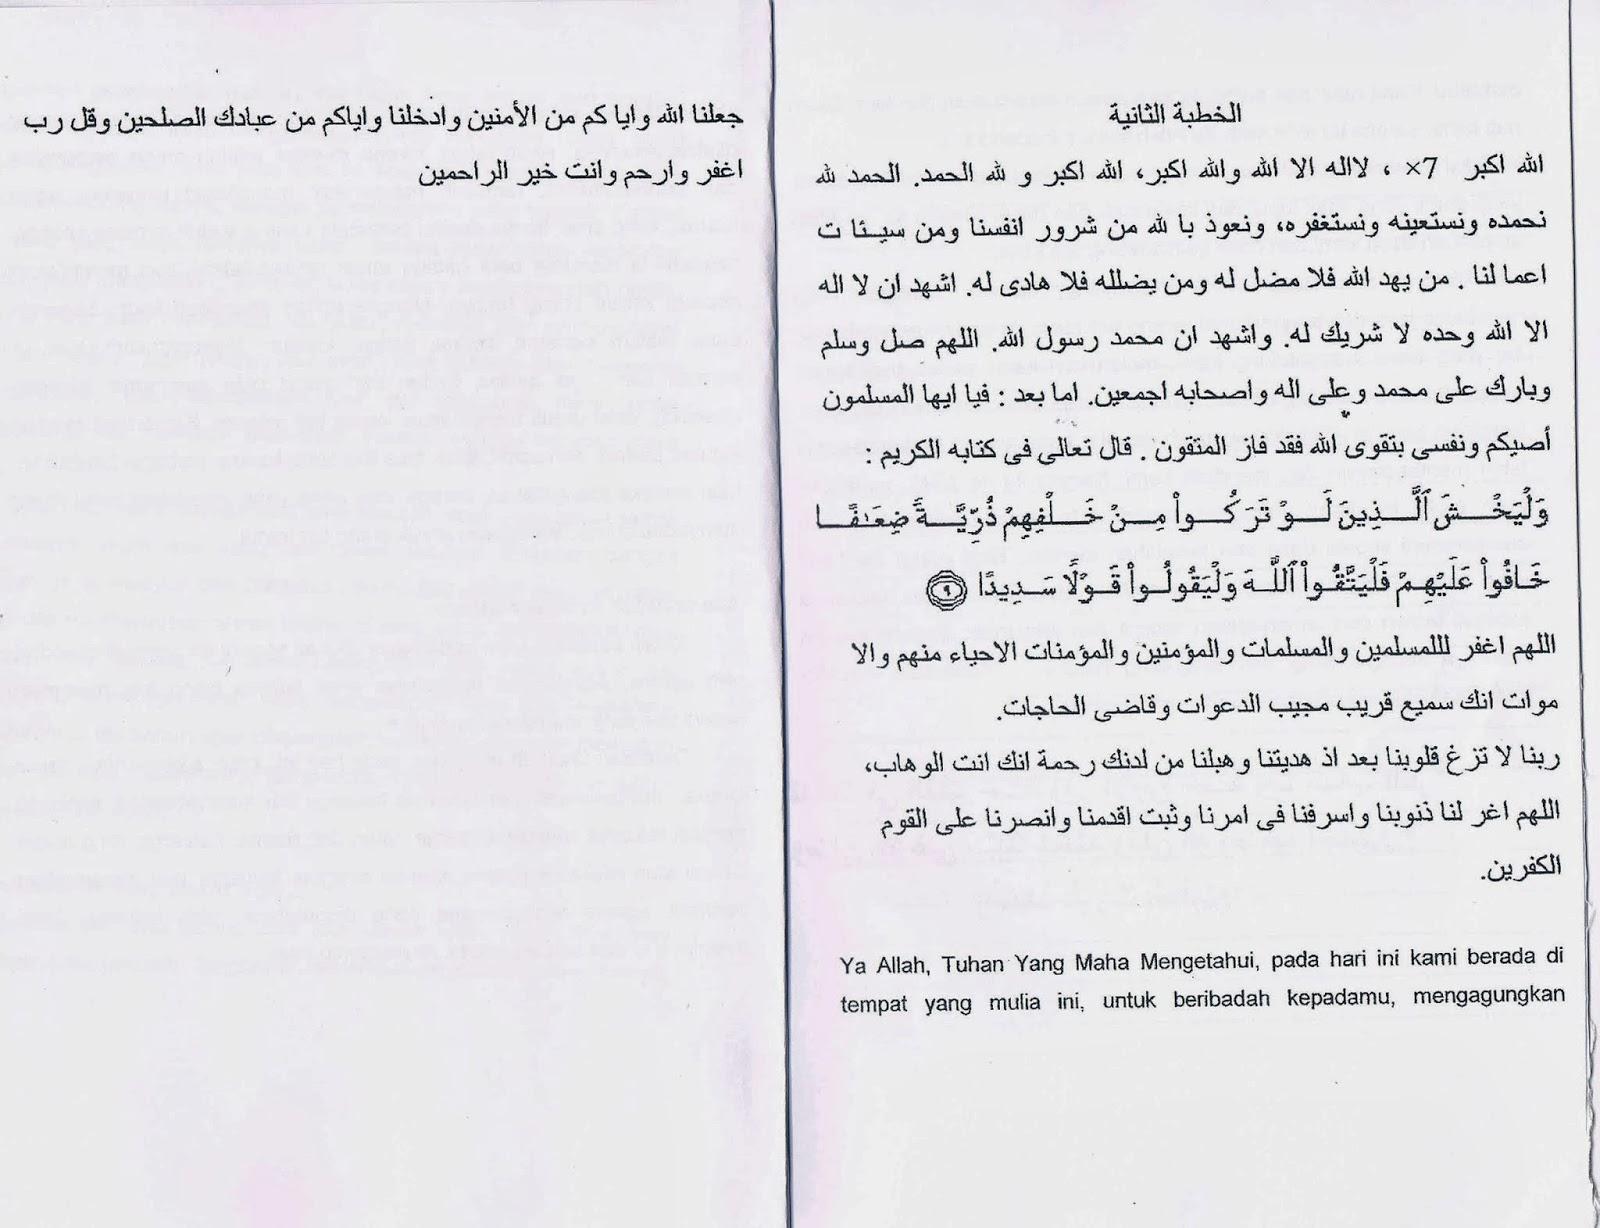 materi naskah khutbah khotbah hutbah kutbah hari raya idul adha